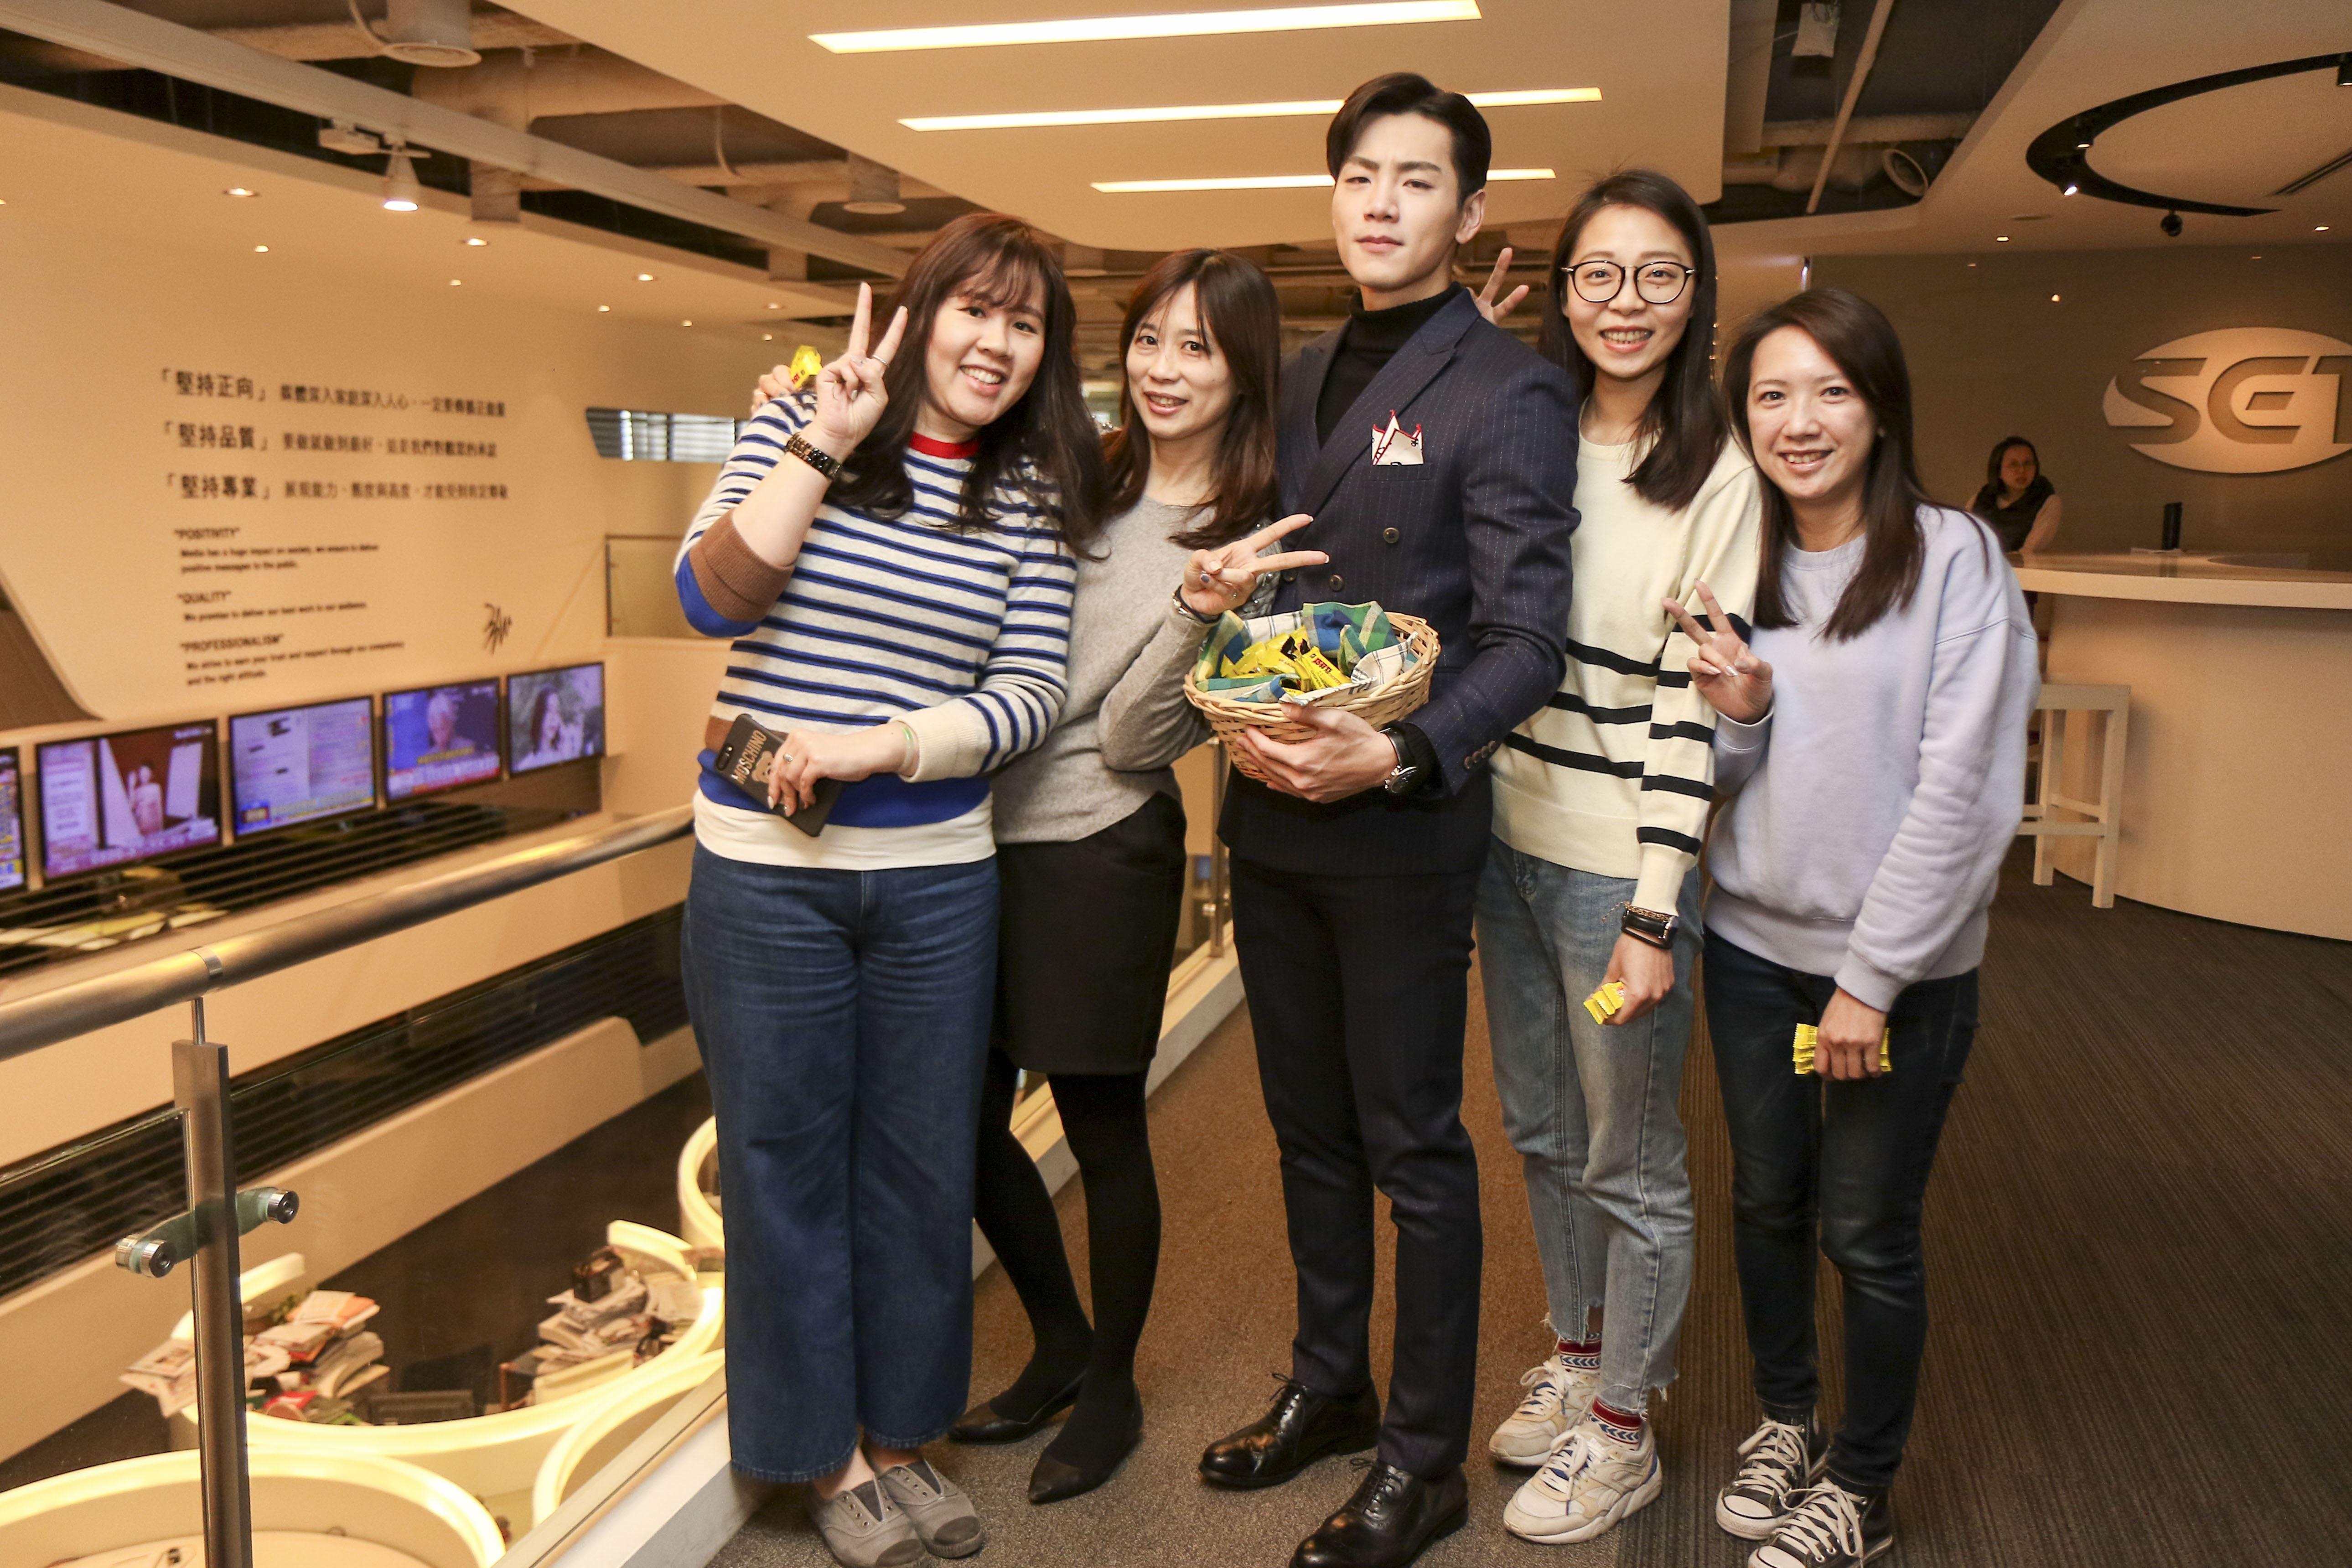 「你有念大學嗎?」禾浩辰於情人節前夕至三立電視台送花、巧克力讓男女同事們又驚又喜。(記者林士傑/攝影)